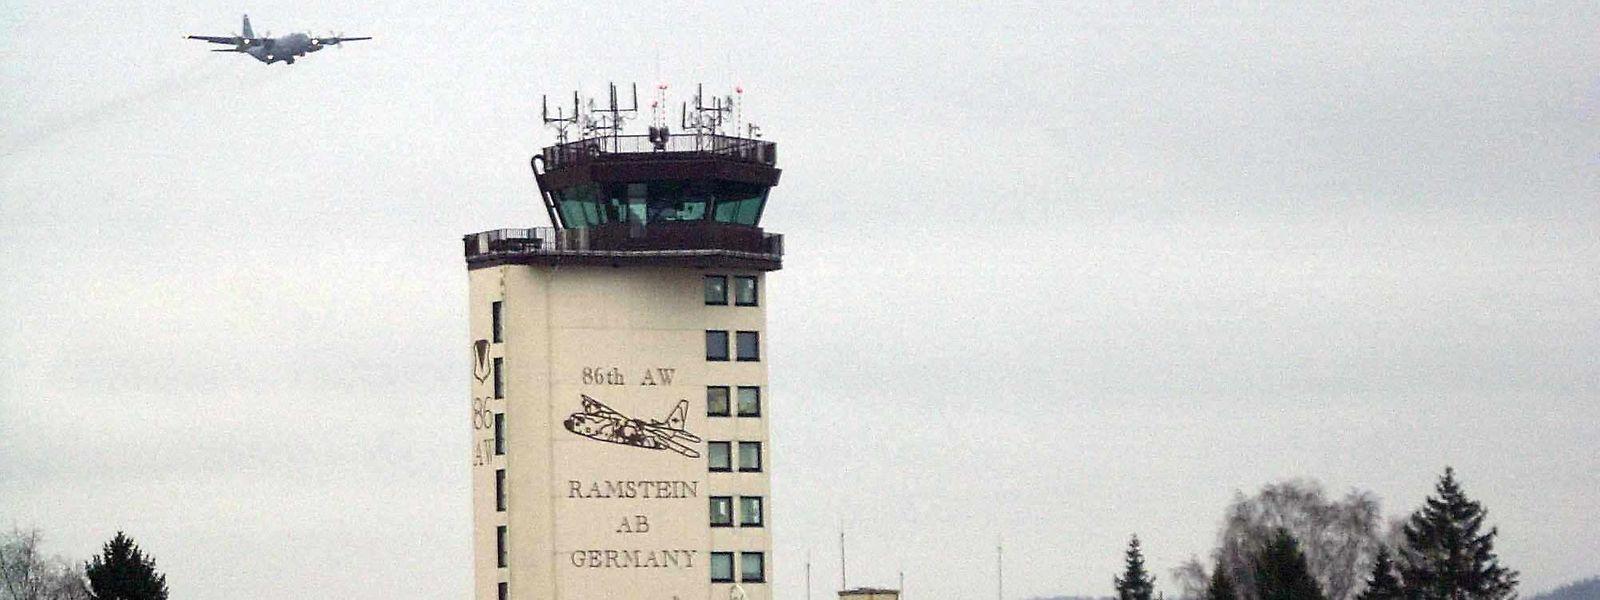 Die Ramstein Airbase bei Kaiserslautern ist der größte Auslandsstützpunkt der US-amerikanischen Streitkräfte.